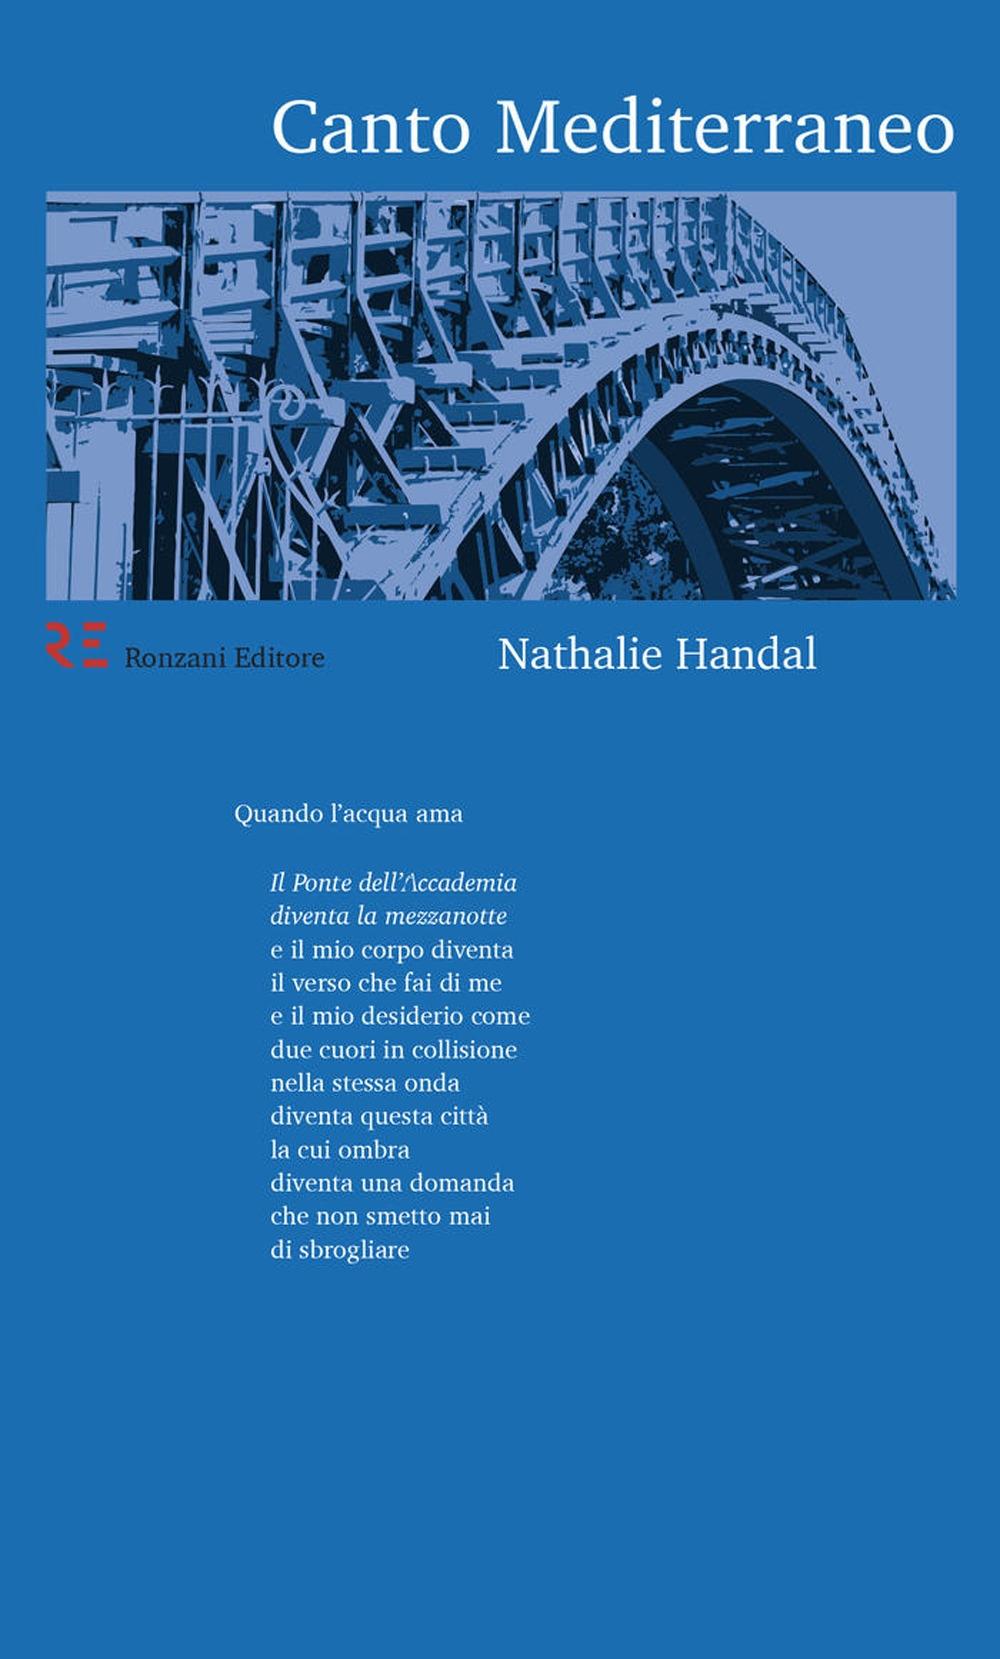 Canto Mediterraneo. Testi italiano e inglese. Ediz. multilingue